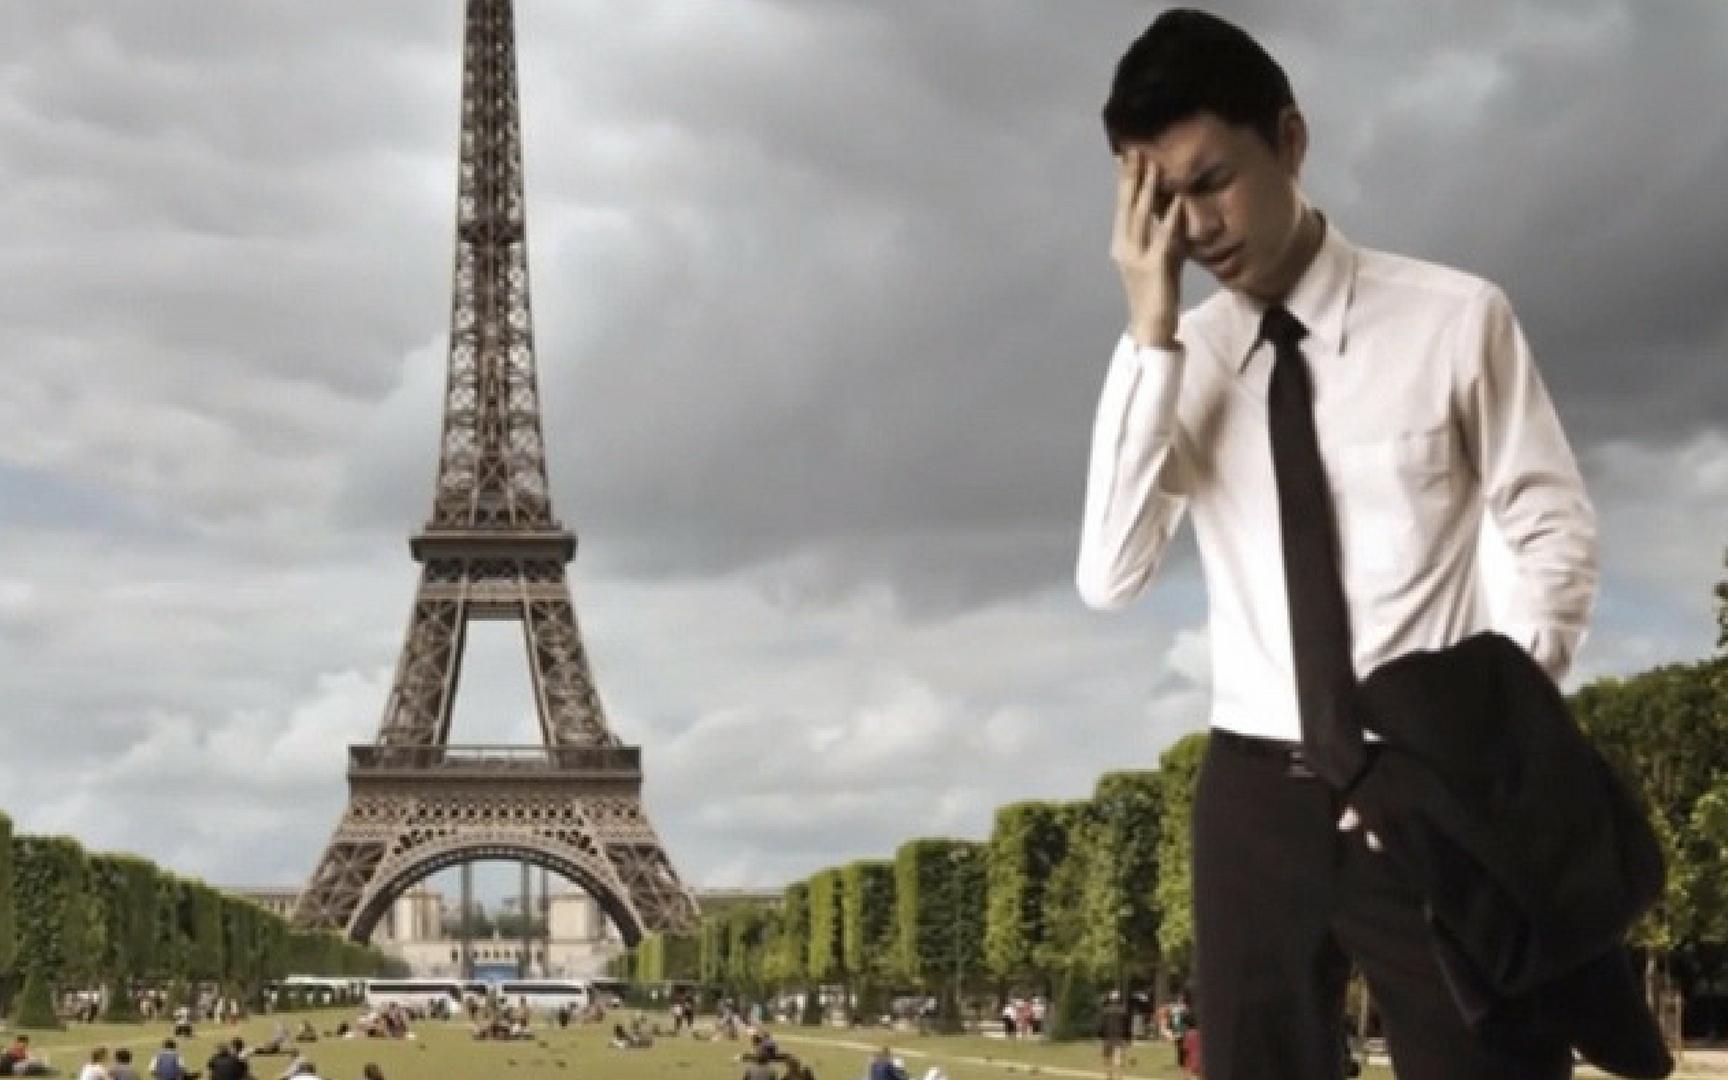 巴黎综合症:巴黎真的差到能把人逼疯吗?